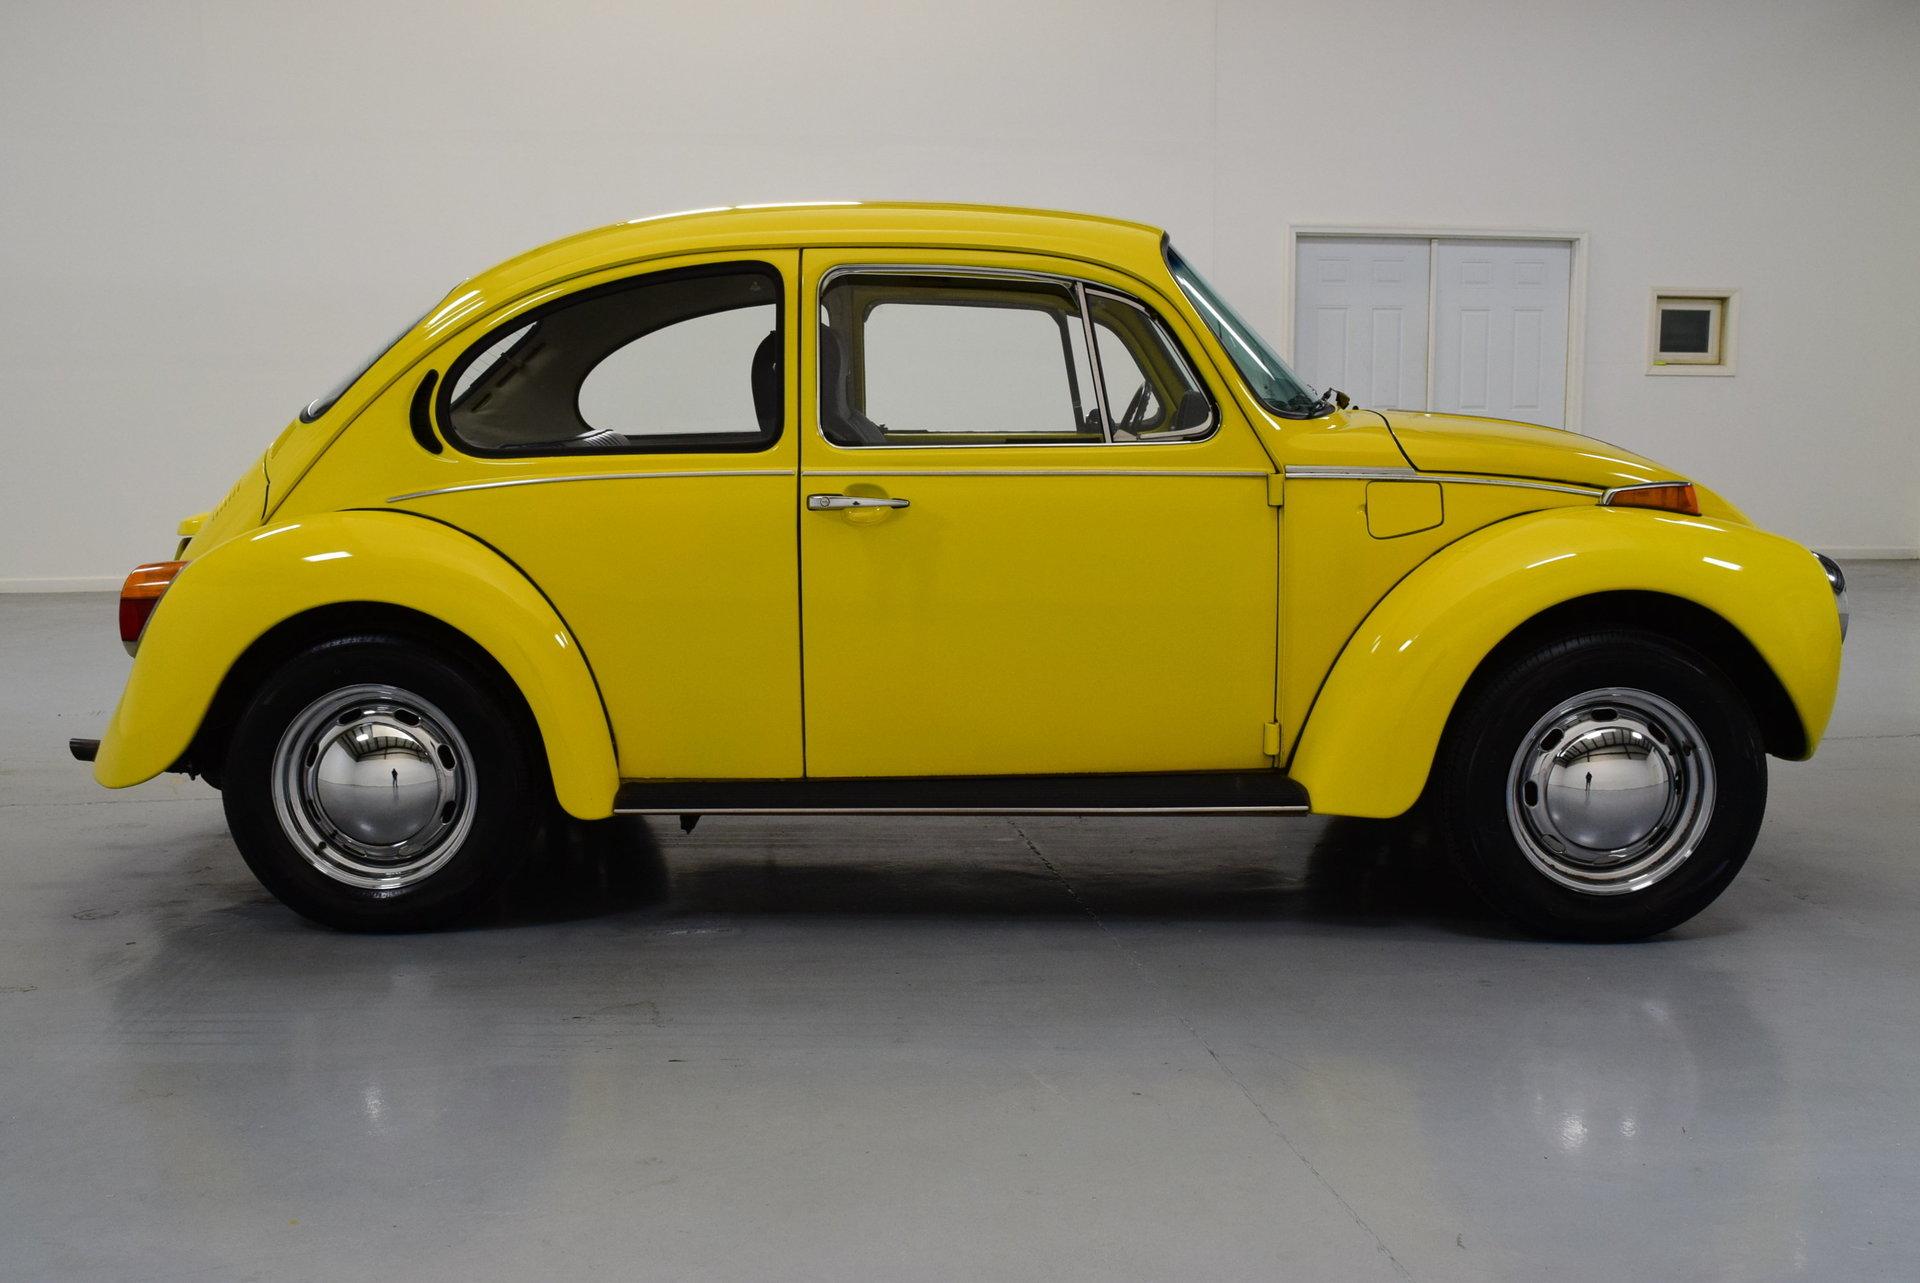 1974 Volkswagen Super Beetle For Sale 78994 Mcg